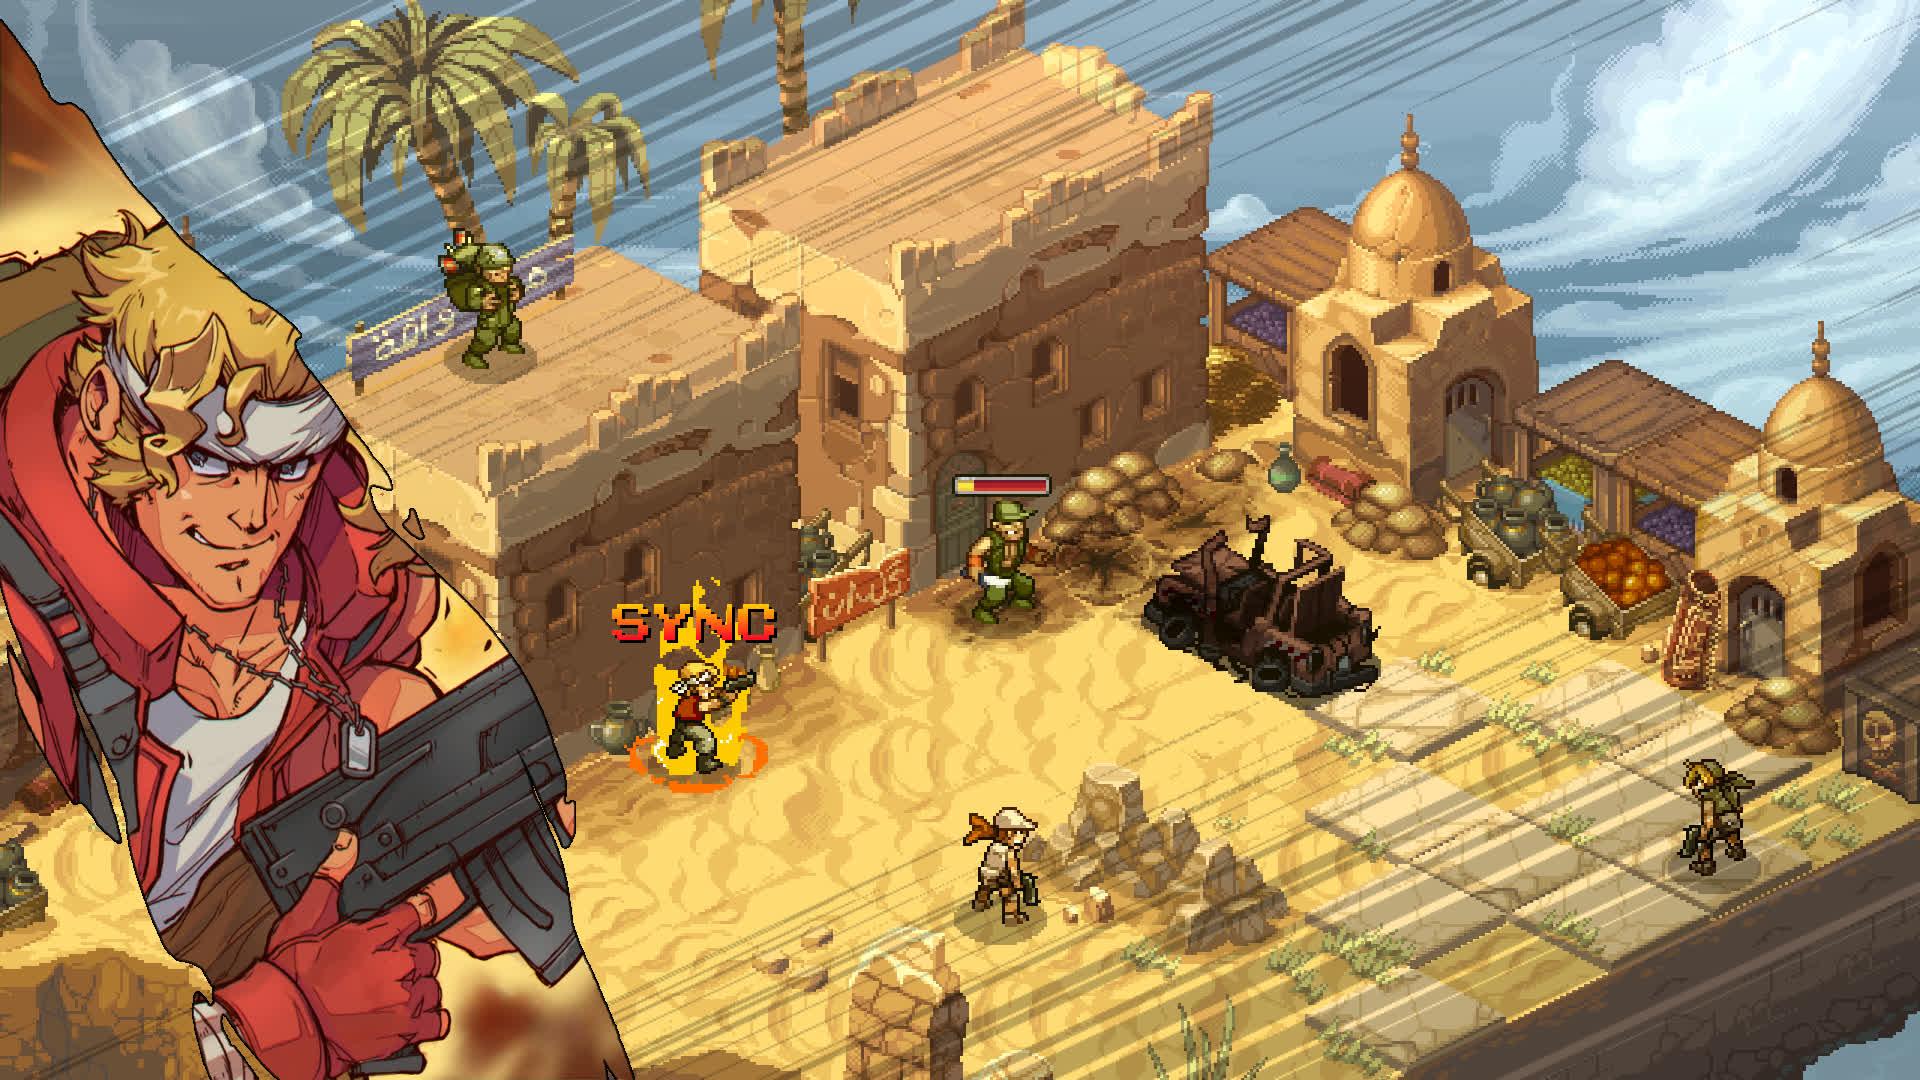 Rambo Lùn bản mới khiến game thủ toàn cầu bất ngờ: từ game xông pha bất cần đời trở thành game chiến thuật - Ảnh 5.